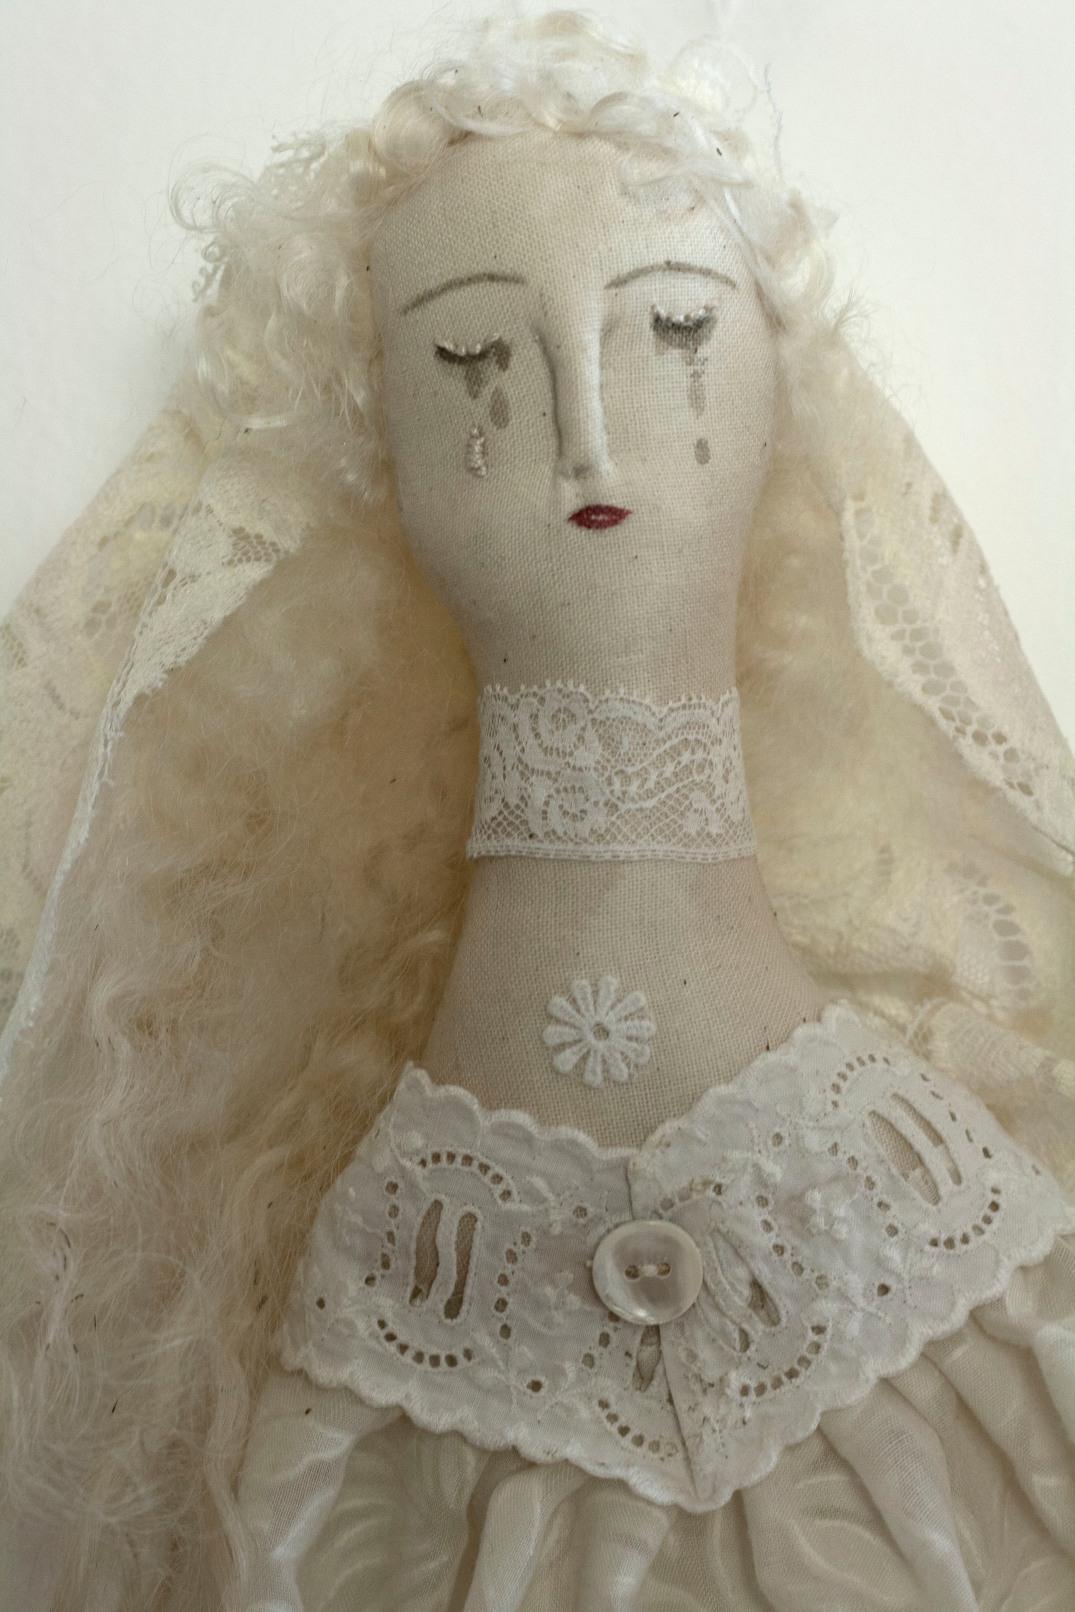 ghost-dolls-05